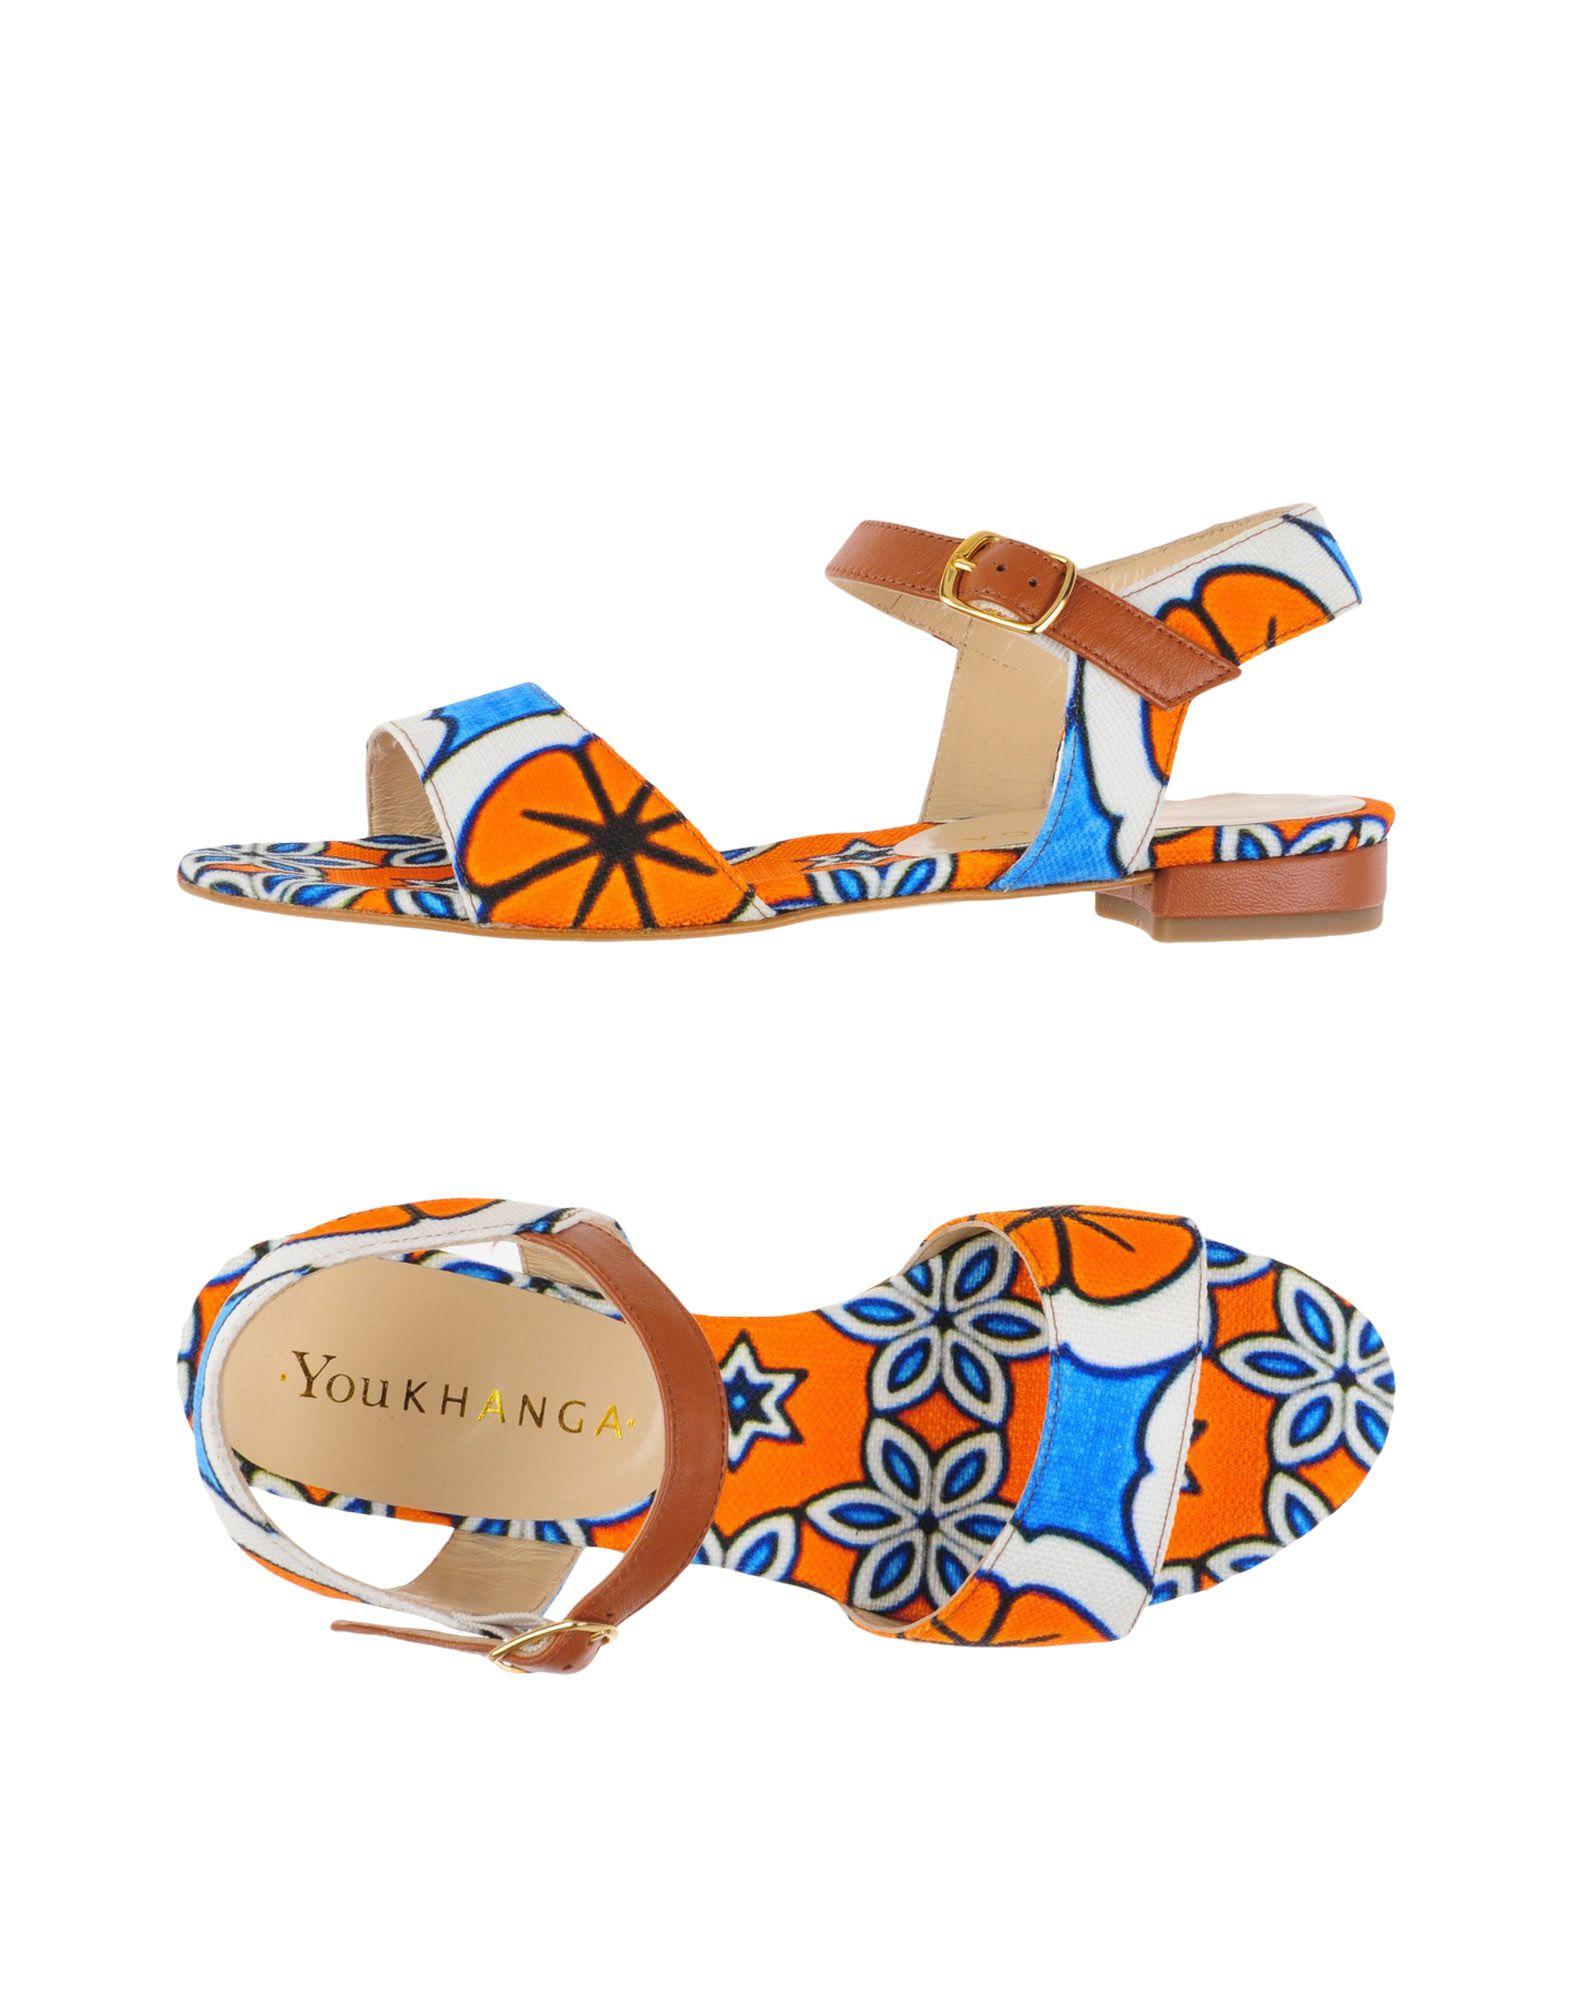 You Khanga Sandalen Damen  11303783LQ Gute Qualität beliebte Schuhe